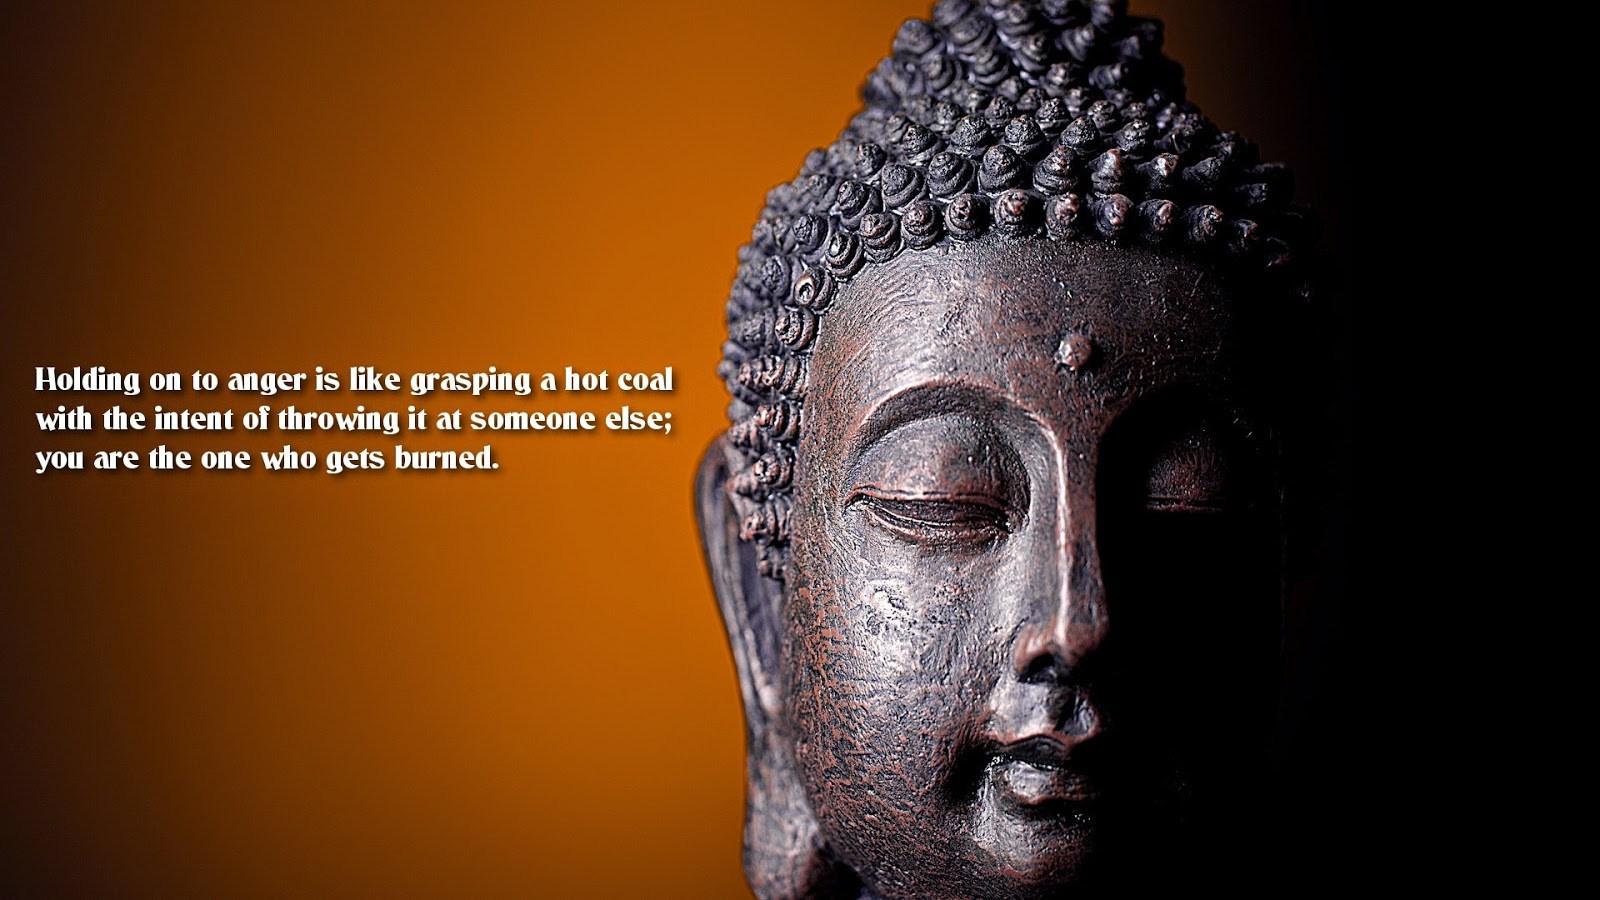 Buddha Lifestyle Hd Wallpapers Lord Buddha Wallpapers   Buddhist 1600x900